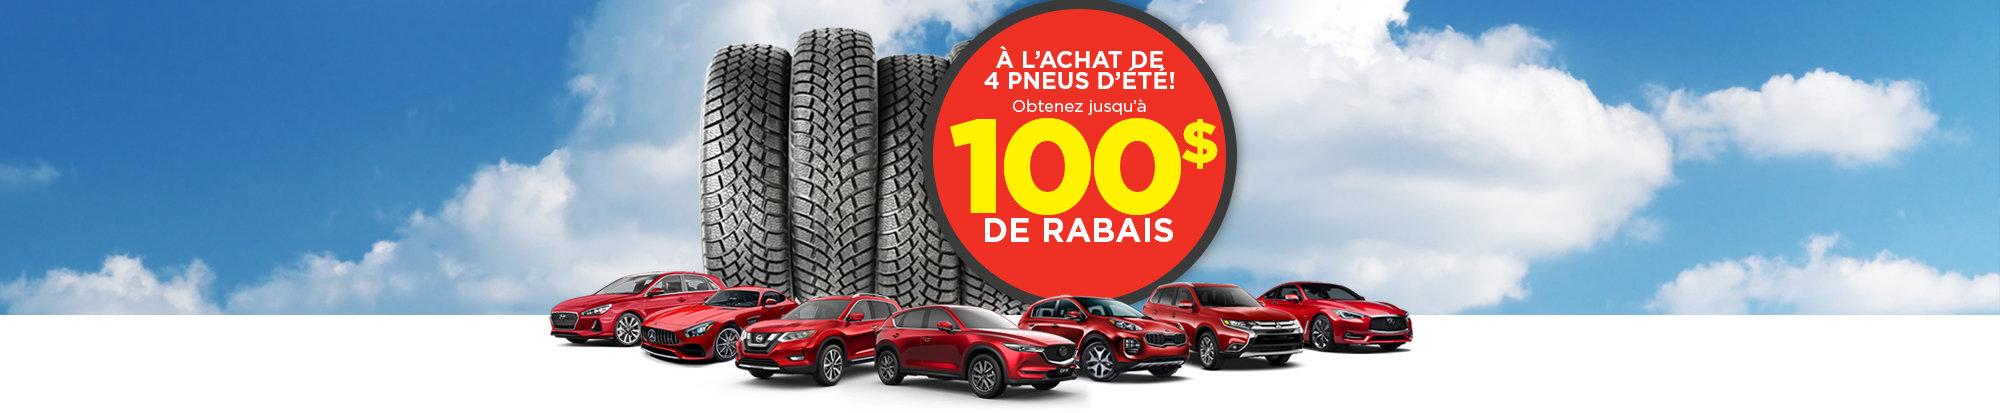 Jusqu'à 100$ de rabais à l'achat de vos pneus d'été! - web